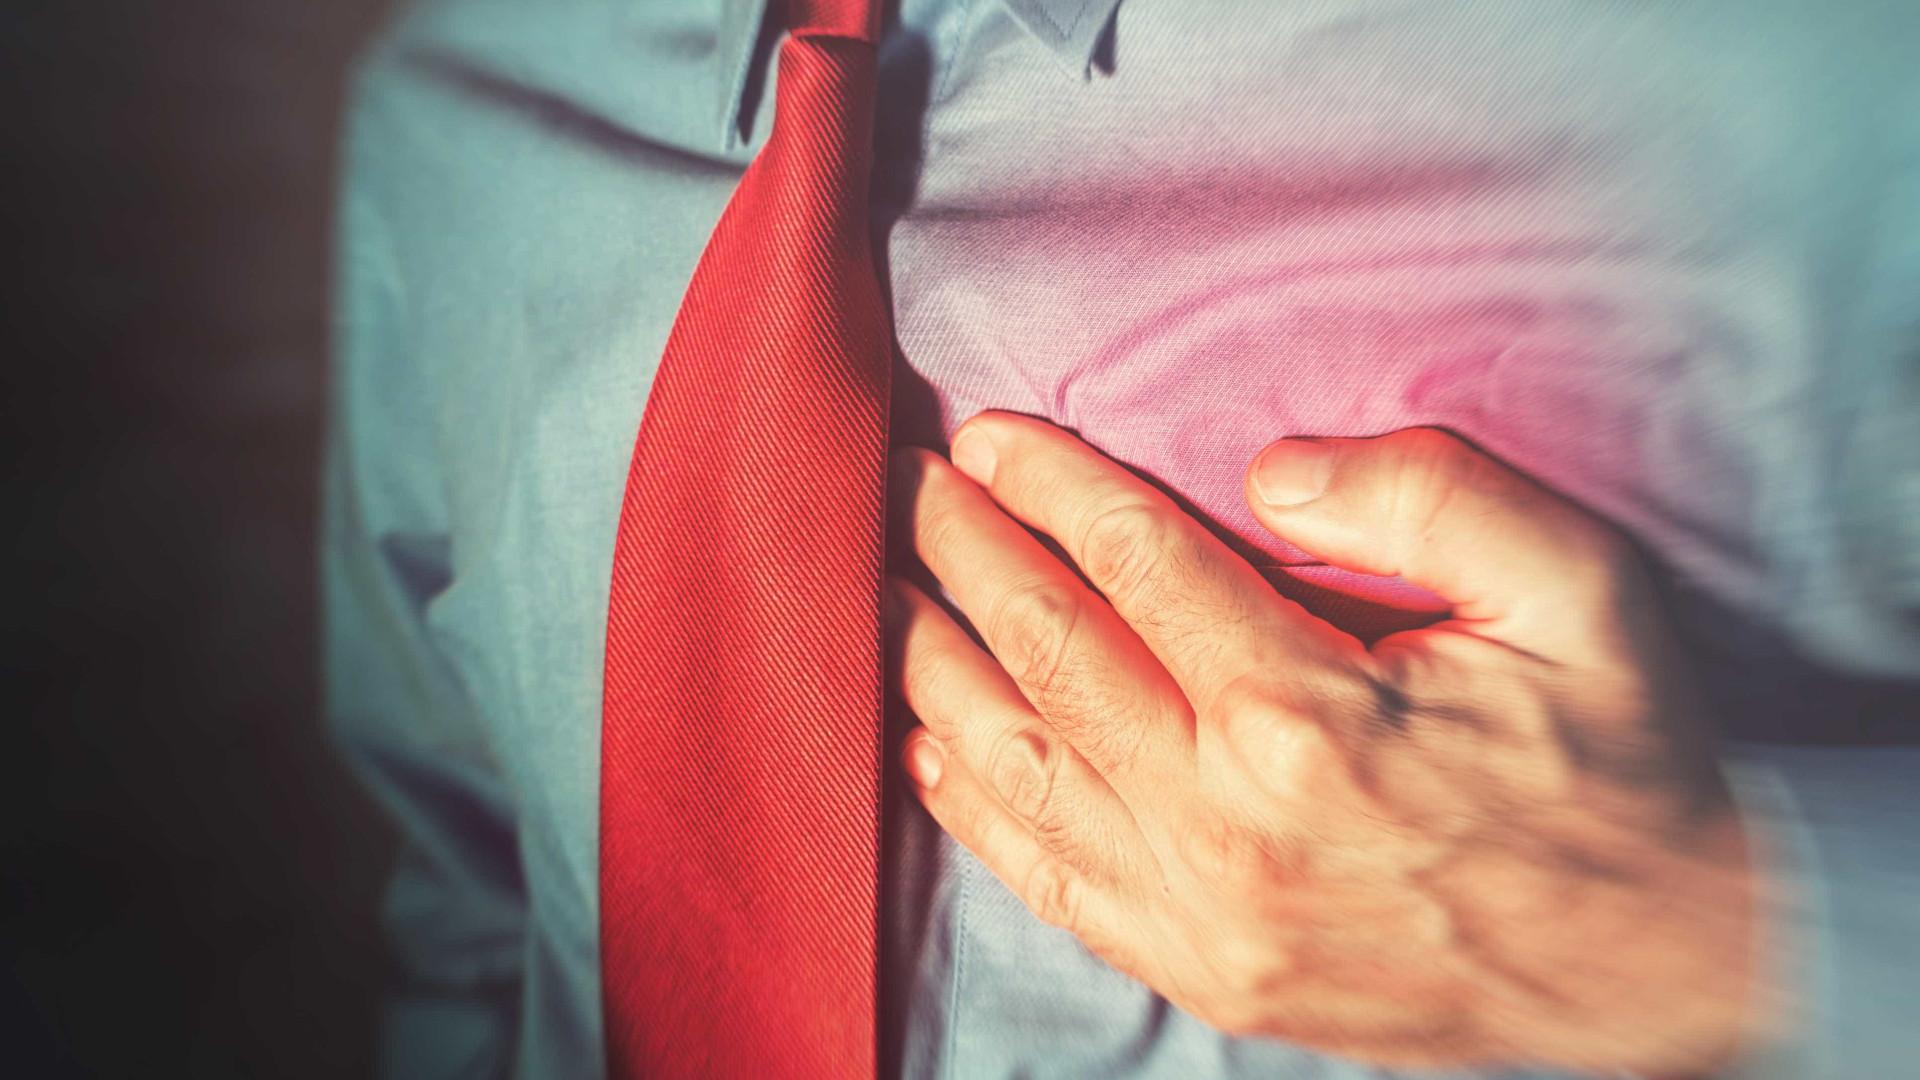 Risco de doença cardiovascular dispara depois de pneumonia ou sepsis